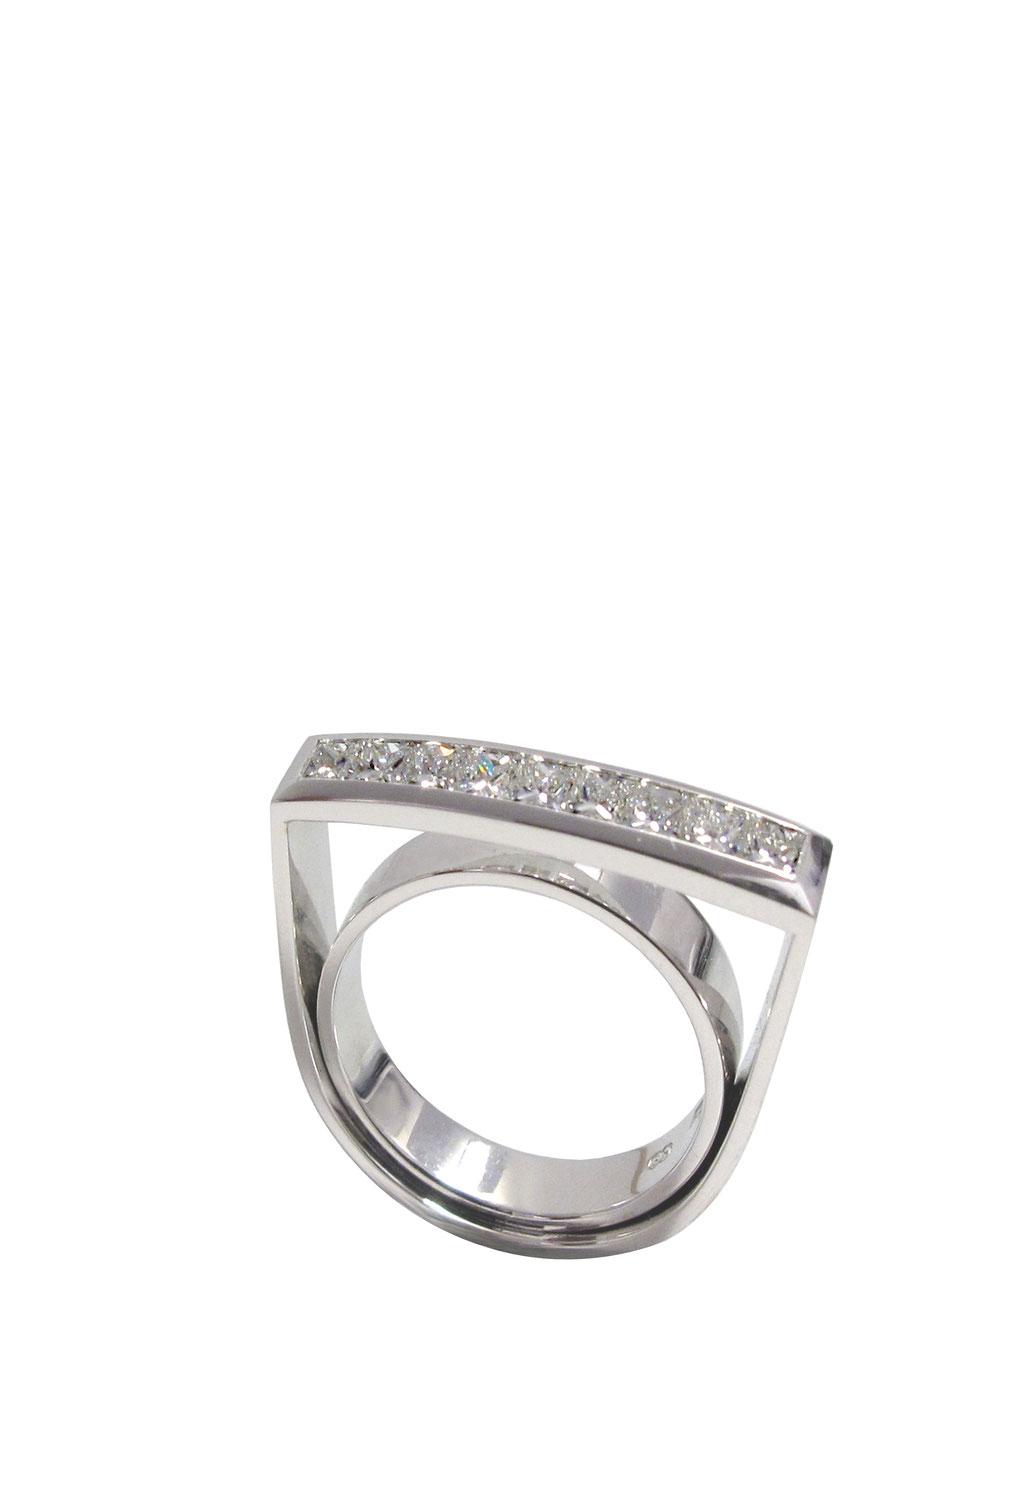 Diamantring 1,05 carat Diamanten im Prinzessschliff, 18 karat Weißgold